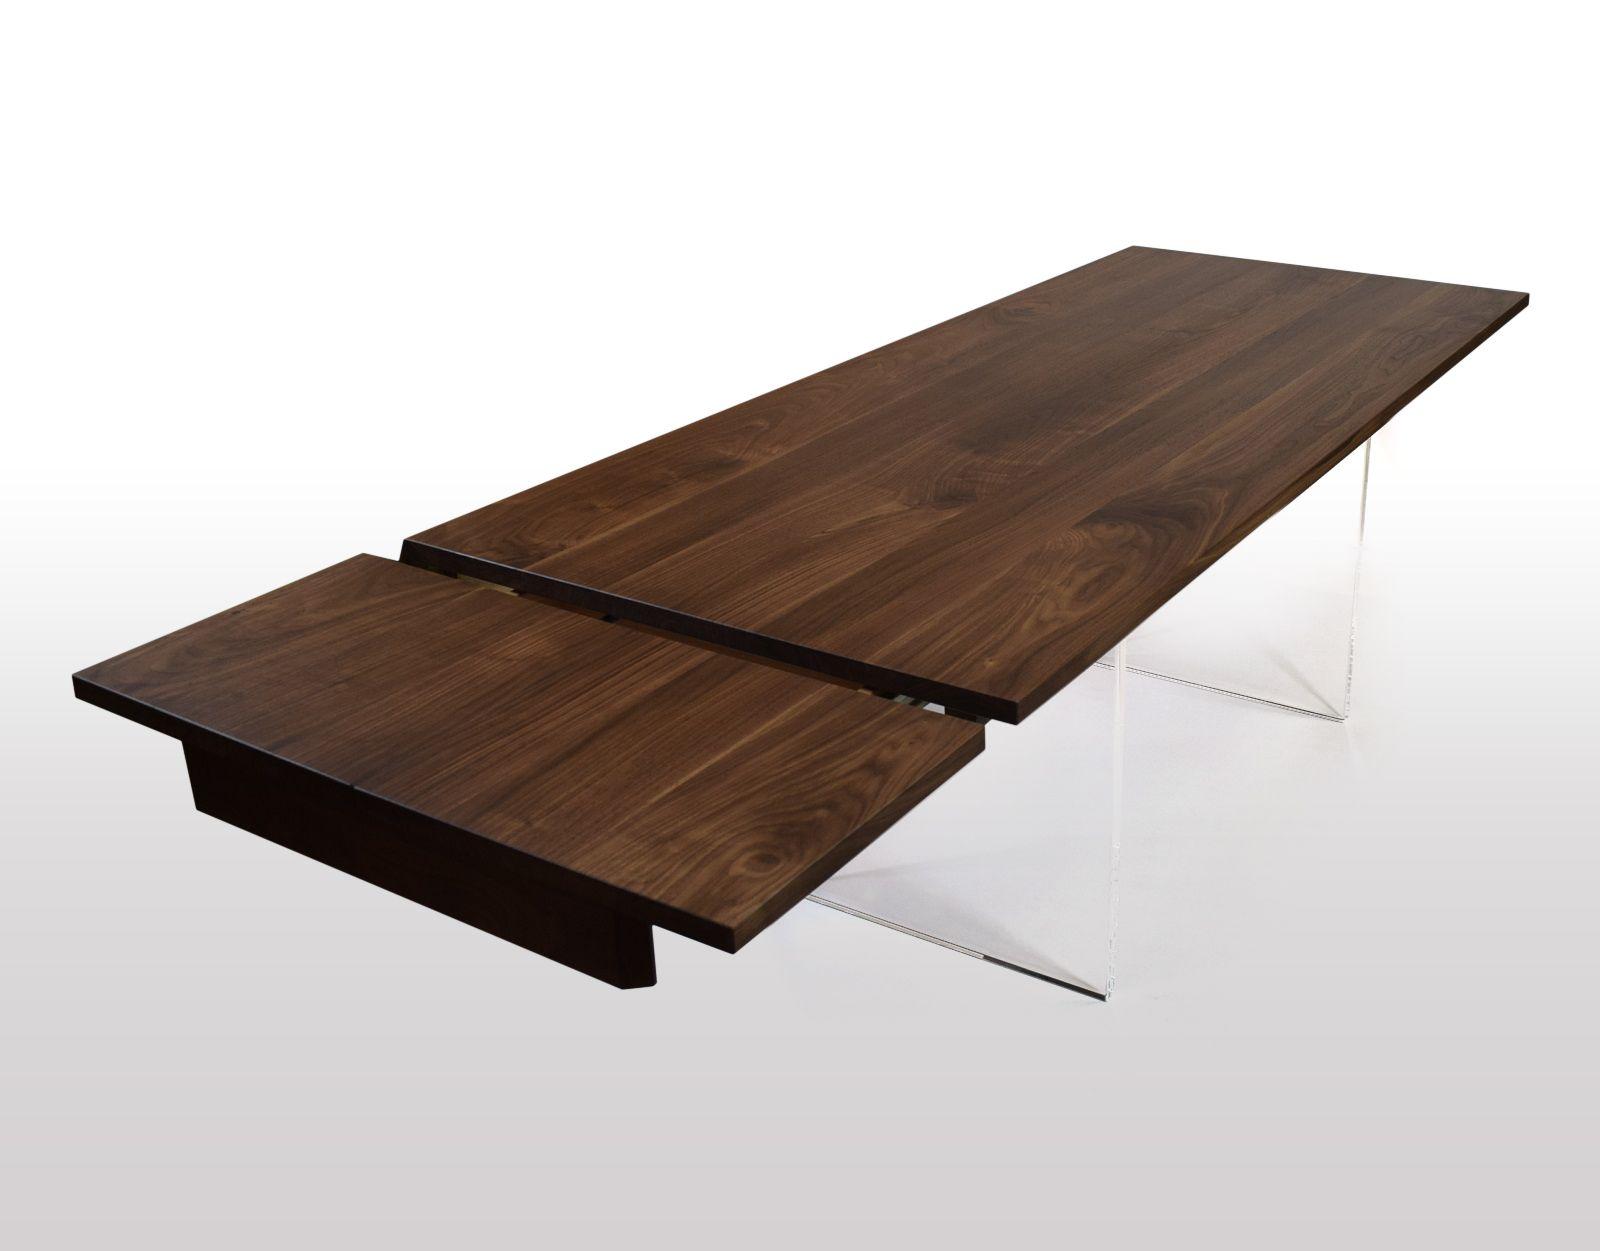 Pin von tischmoebel.de auf Tisch Nussbaum ausziehbar auf